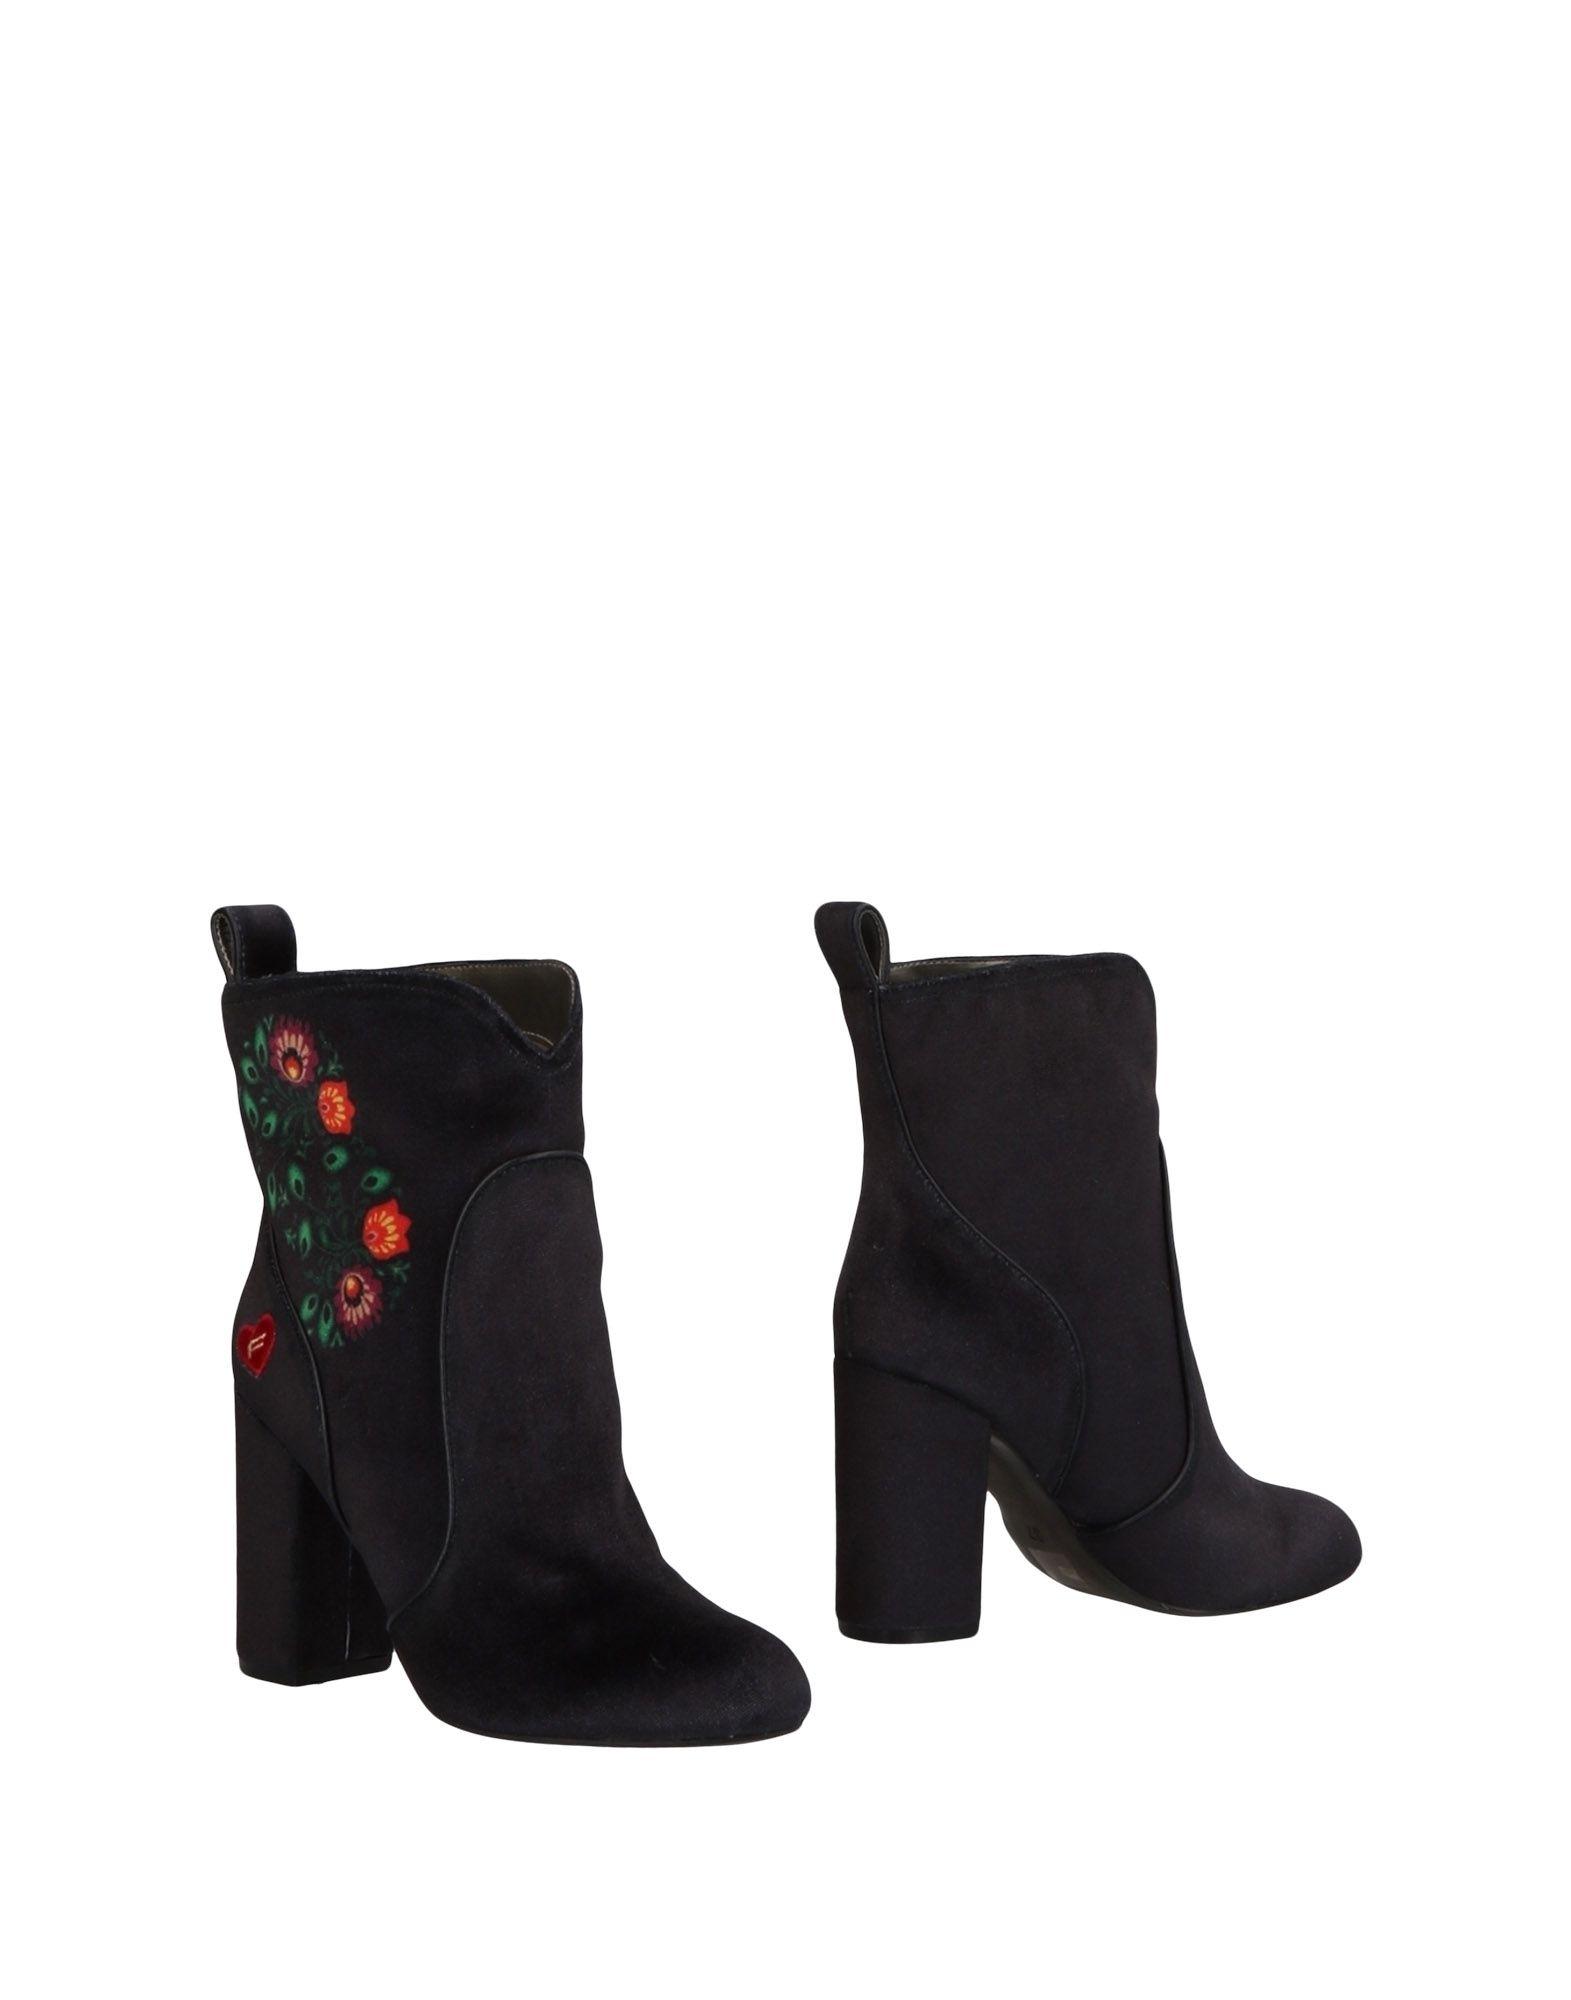 Fornarina Stiefelette Damen  11494388KS Gute Qualität beliebte Schuhe